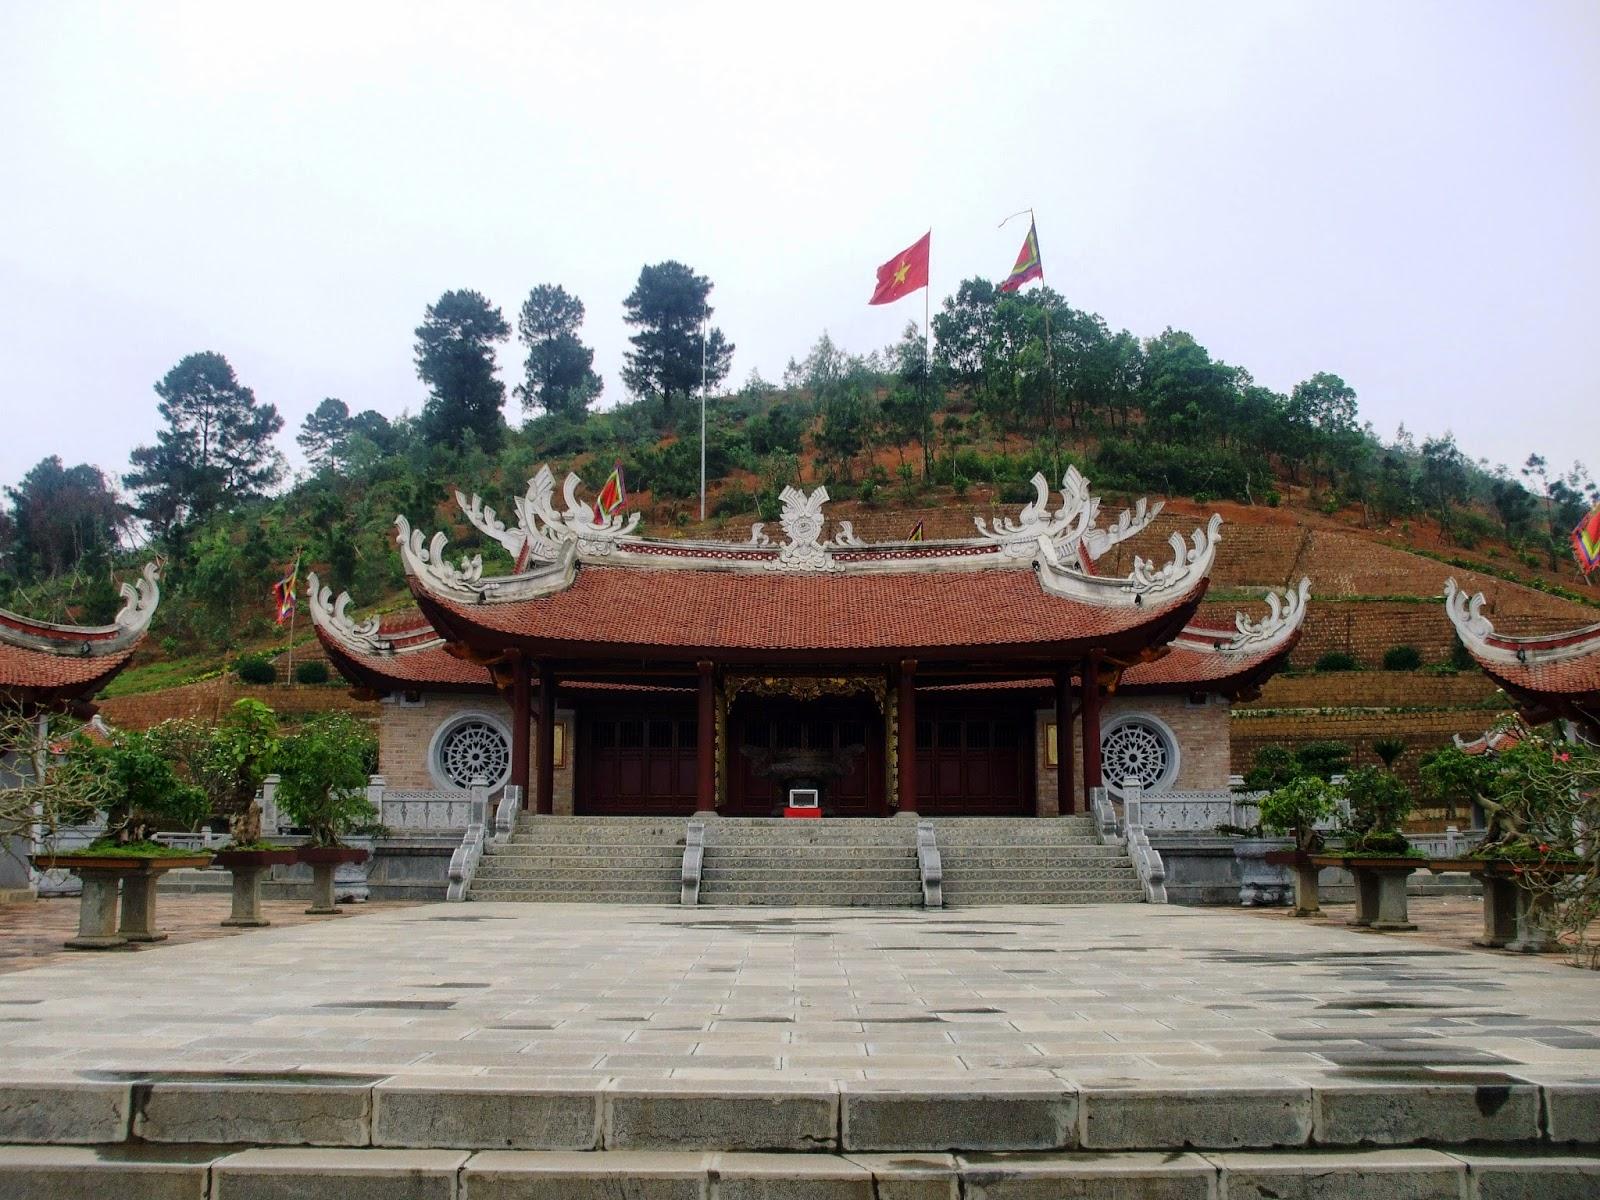 Kinh nghiệm đi du lịch Đền Hùng - Phú Thọ